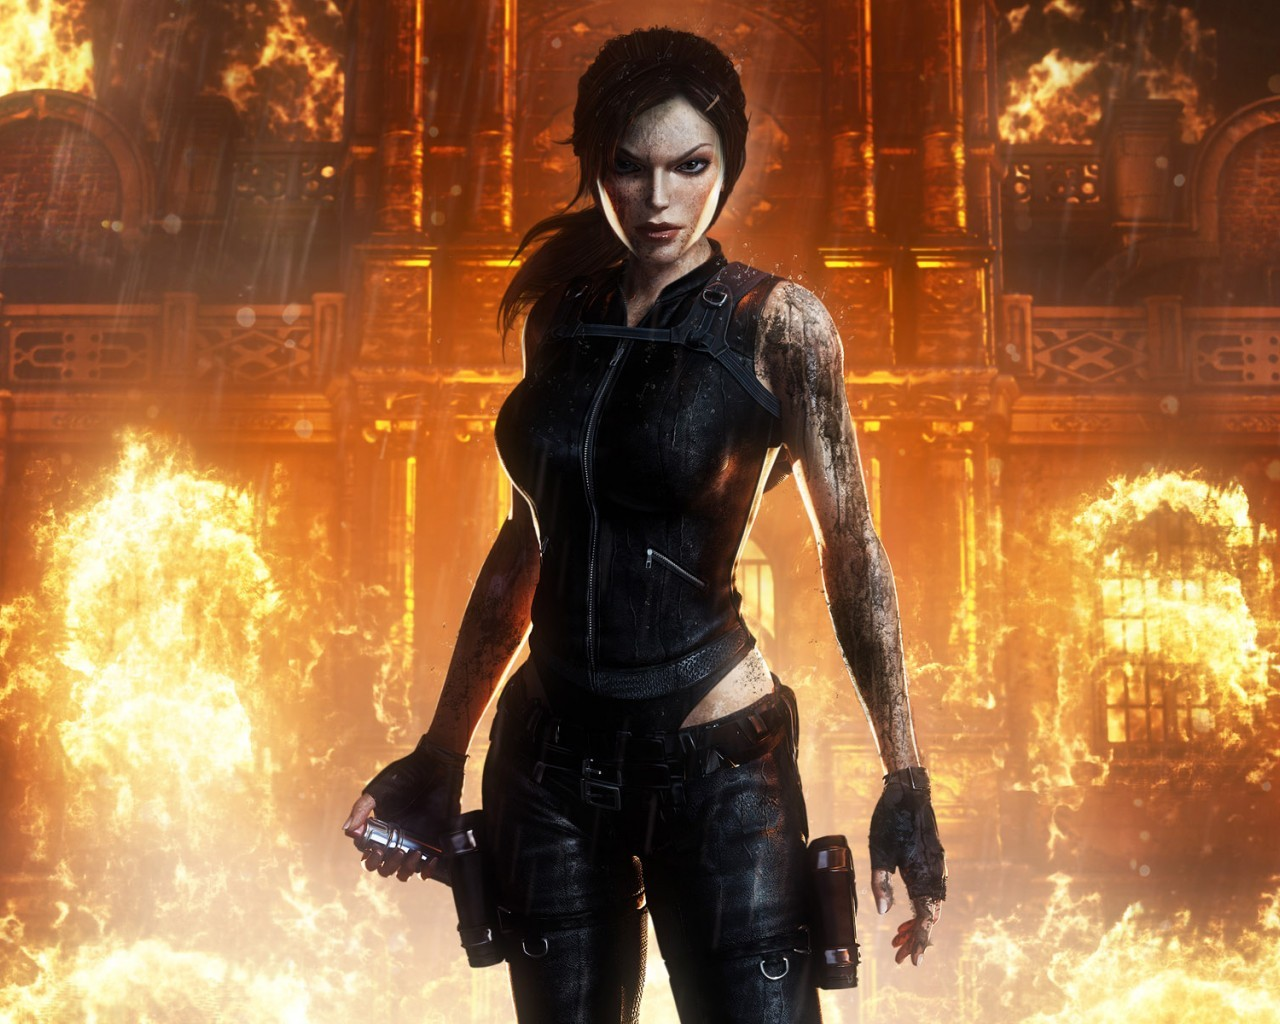 21449 скачать обои Игры, Расхитительница Гробниц (Tomb Raider) - заставки и картинки бесплатно